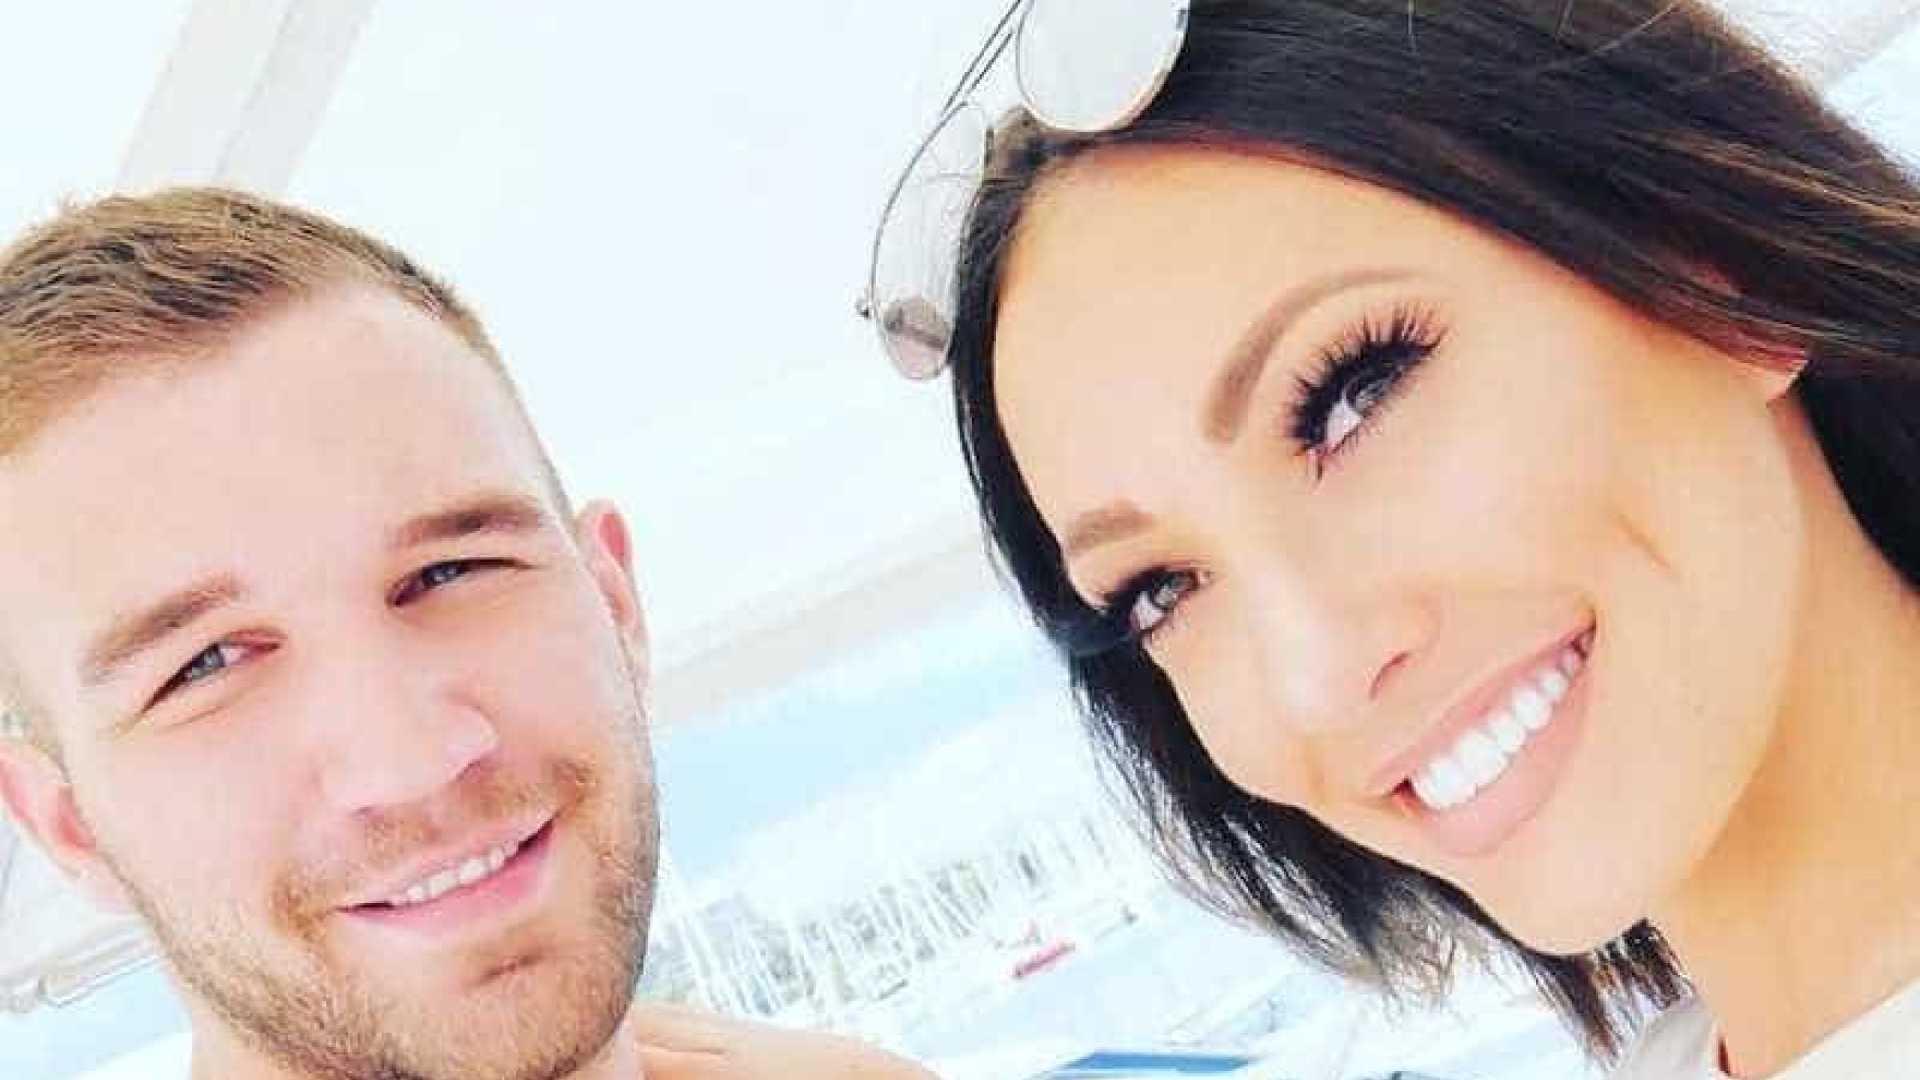 naom 5b4627e3af97e - TRAGÉDIA: Namorado de Miss é encontrado morto semanas após morte da modelo